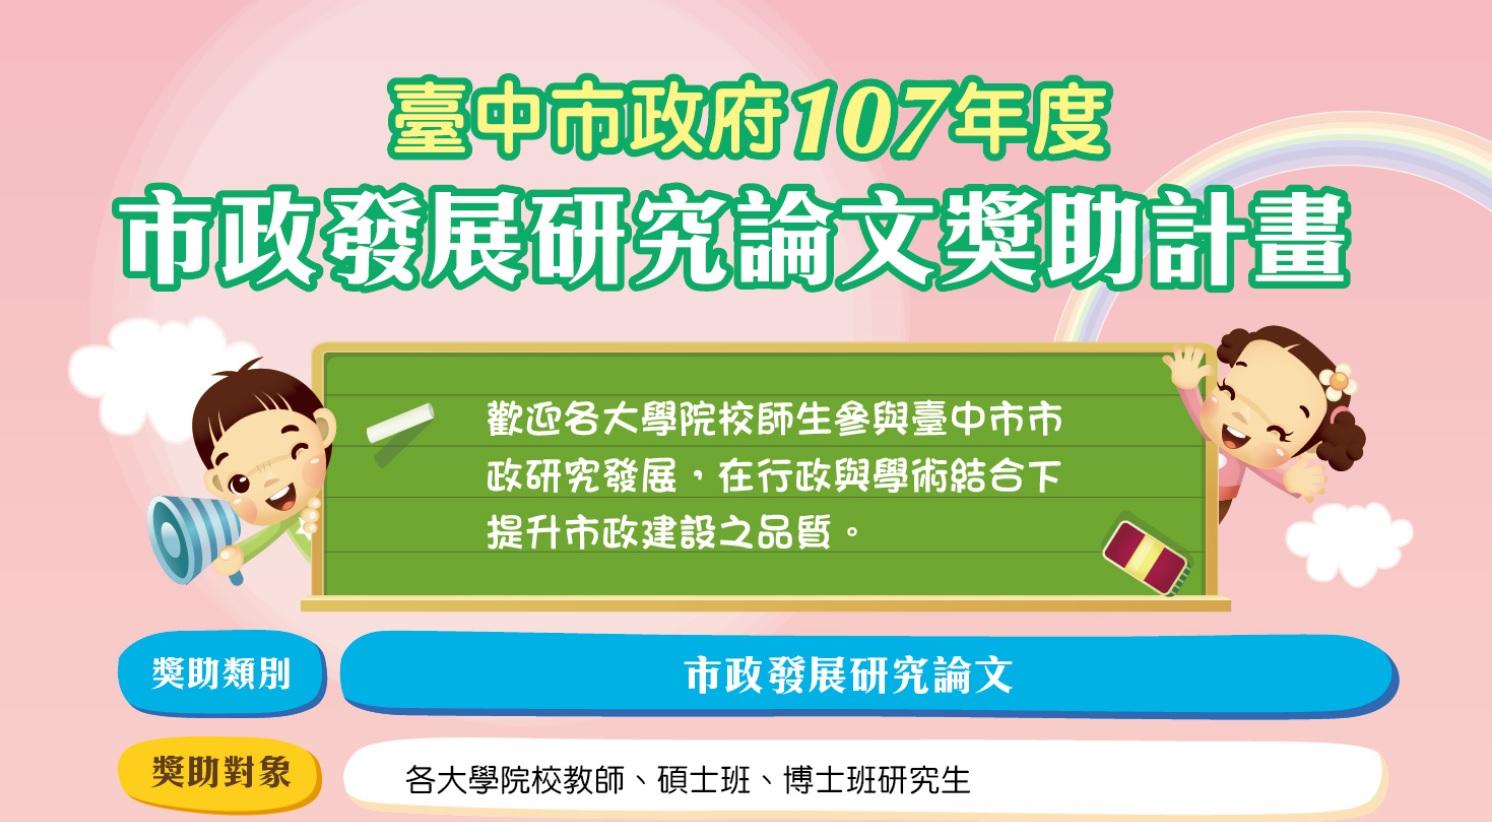 臺中市政府市政發展研究論文獎助計畫